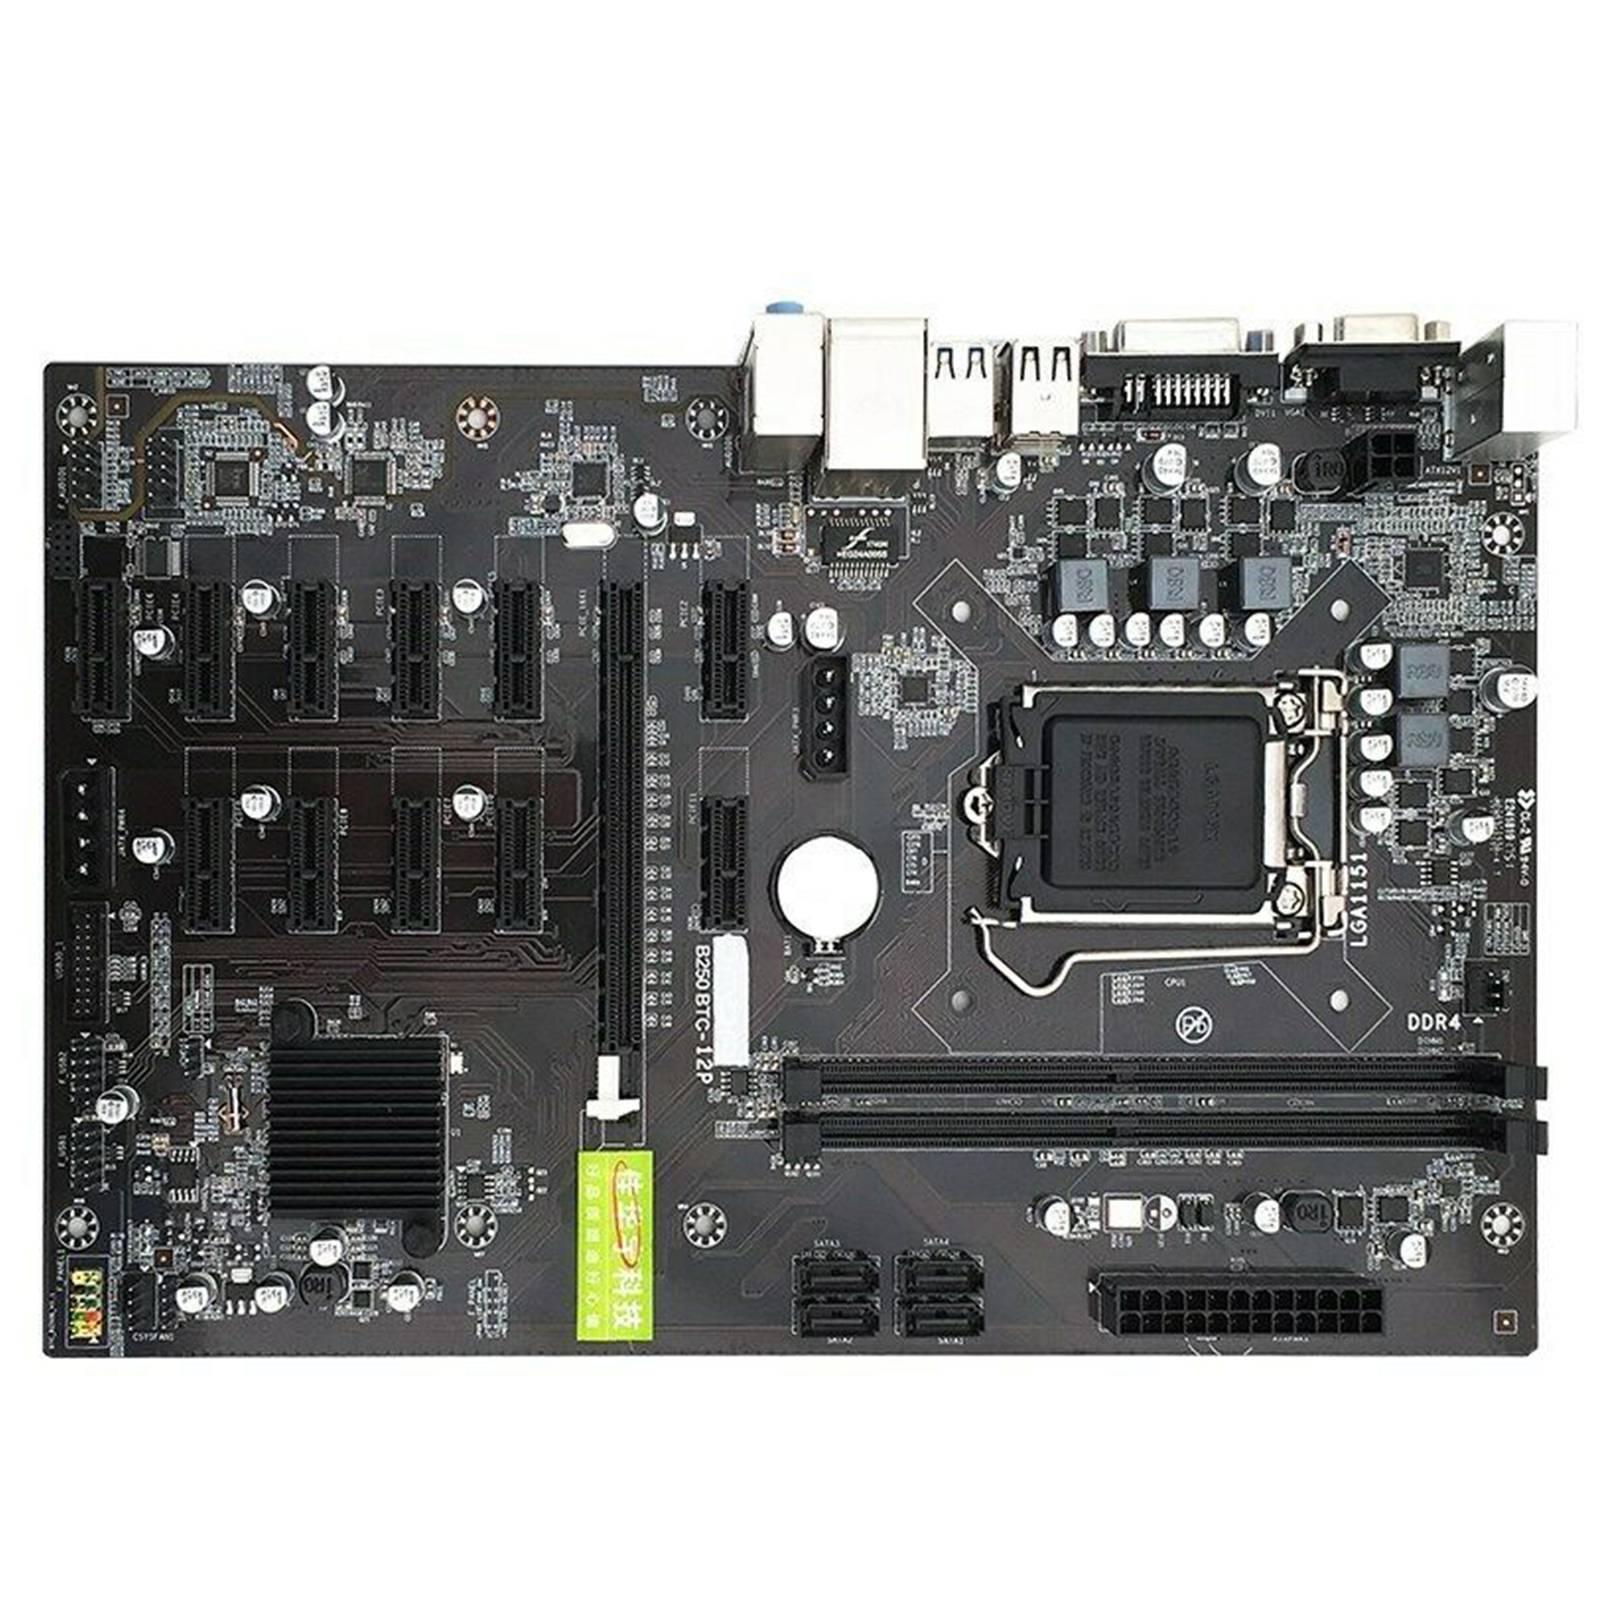 32 جيجابايت B250-BTC 12GPU التعدين اللوحة Ethereum التعدين 12 PCI-E LGA1151 2 DDR4 DIMM التعدين متعدد GPU دعم ATX USB 3.0